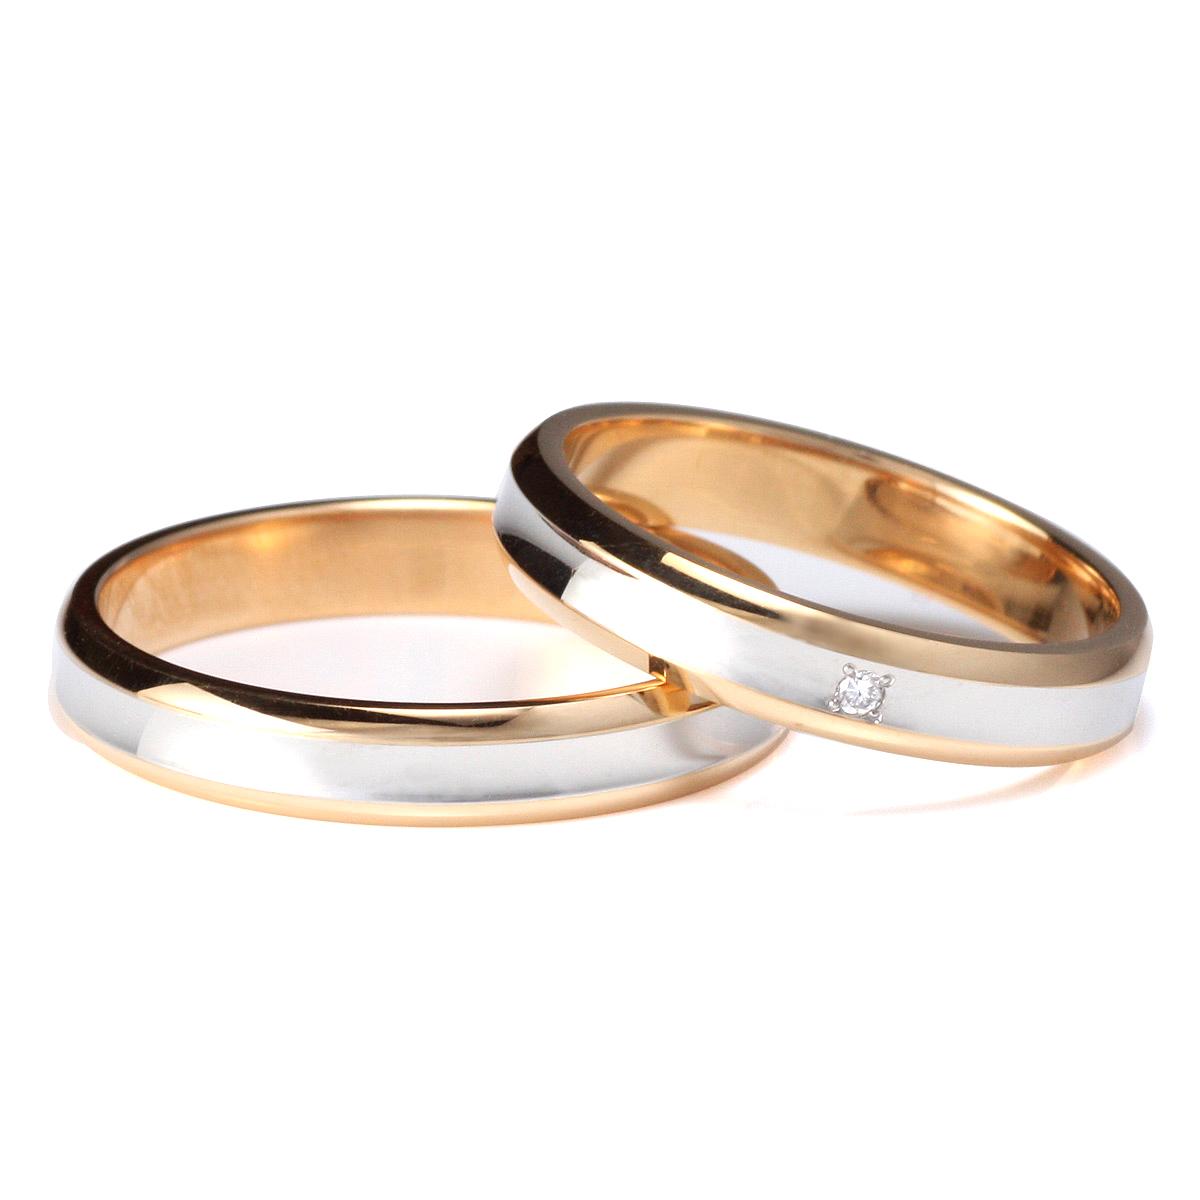 【今だけエントリーで全品5倍!5/18まで限定!】ラッピング無料 結婚指輪 マリッジリング ペアリング ダイヤモンド